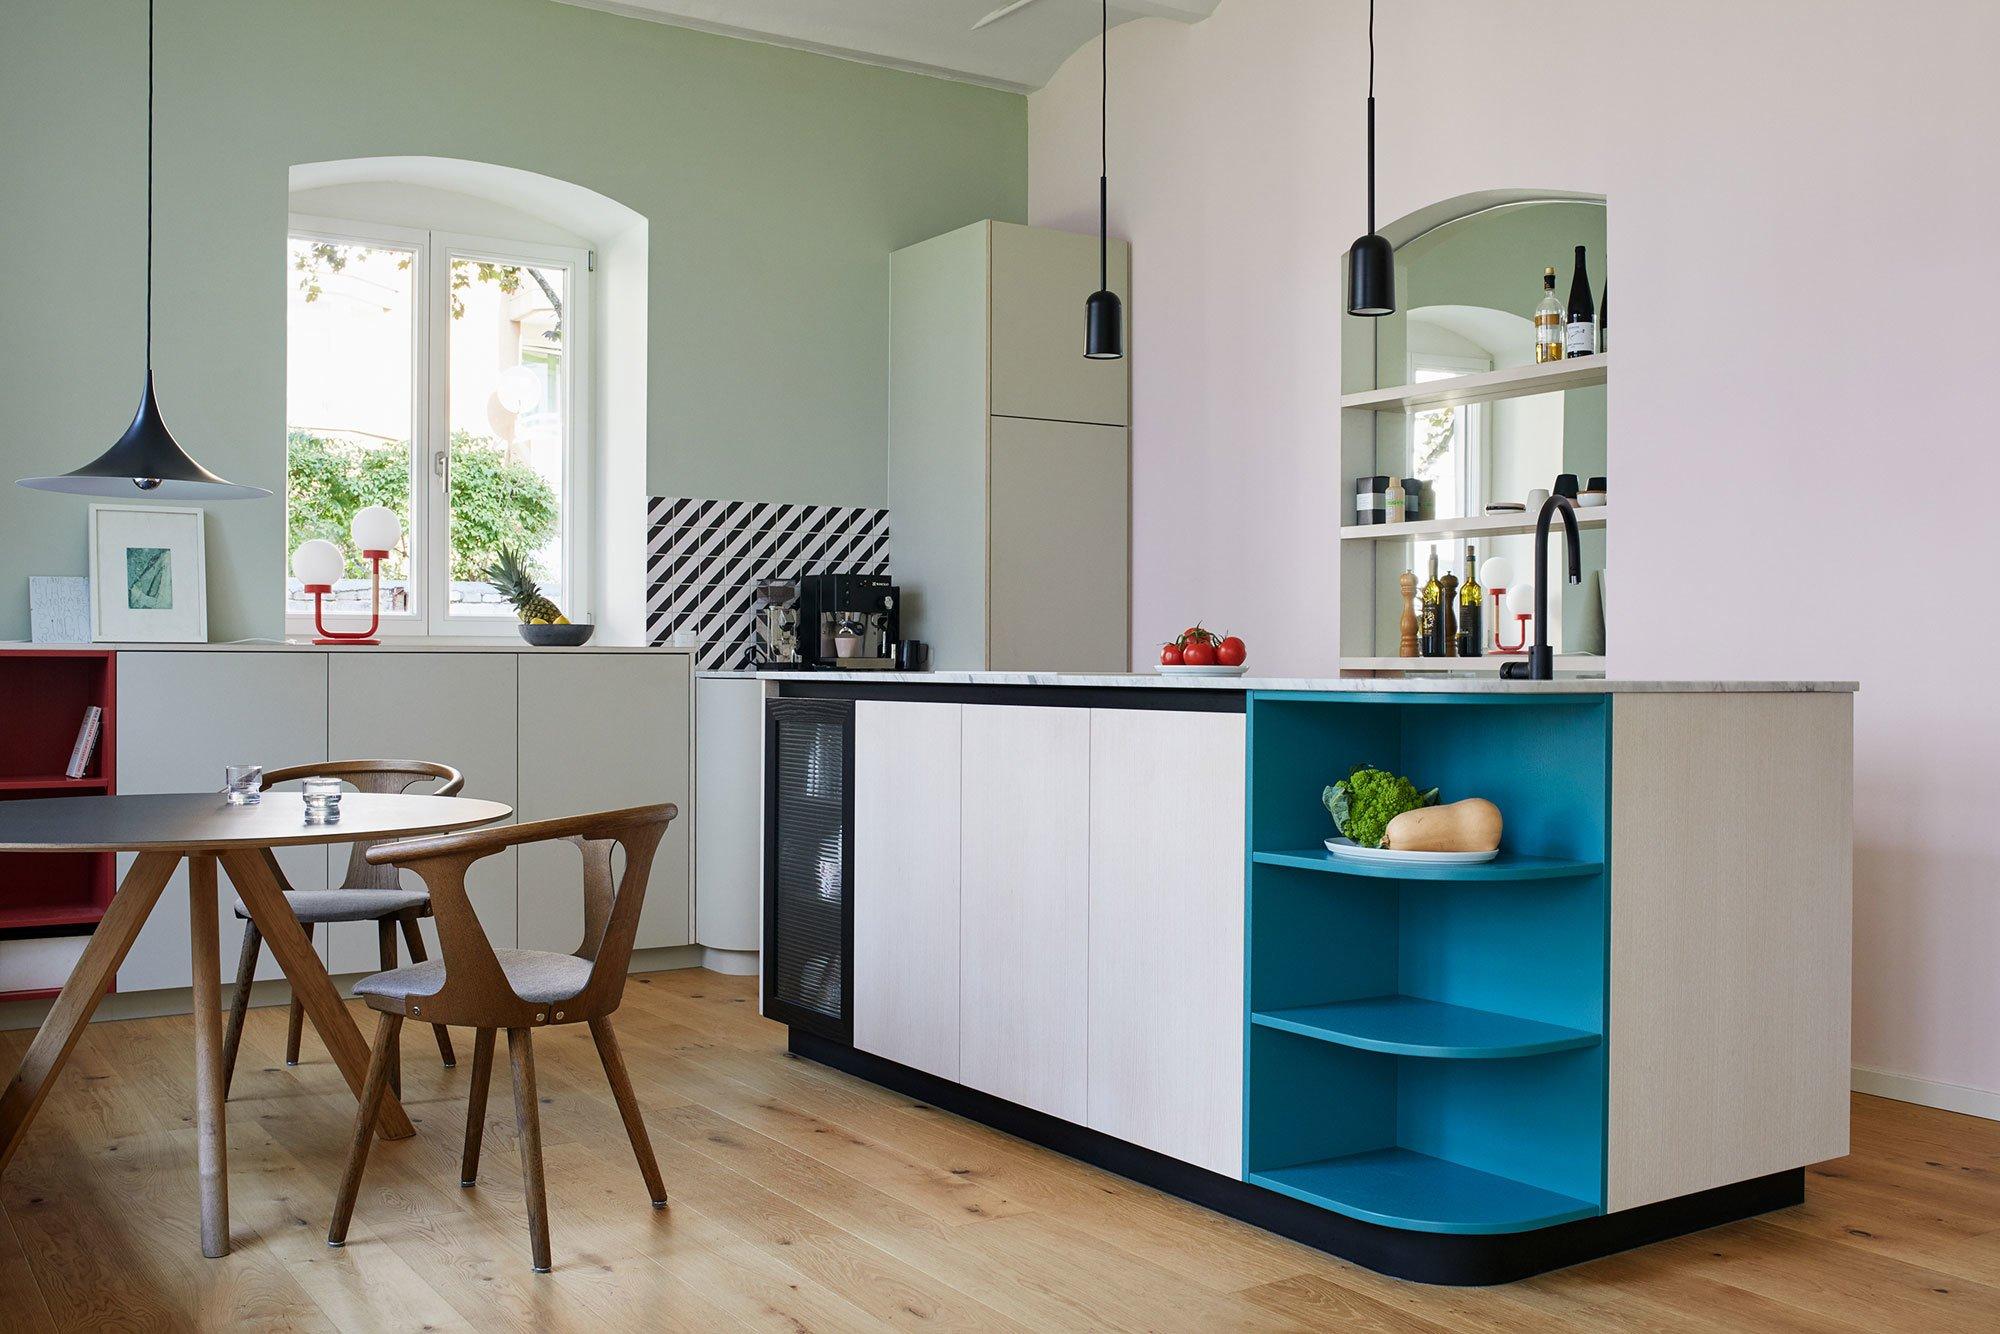 Hell & luftig: Wohnküche in einer Altbau-Remise. Foto/ Copyright: Anne Deppe